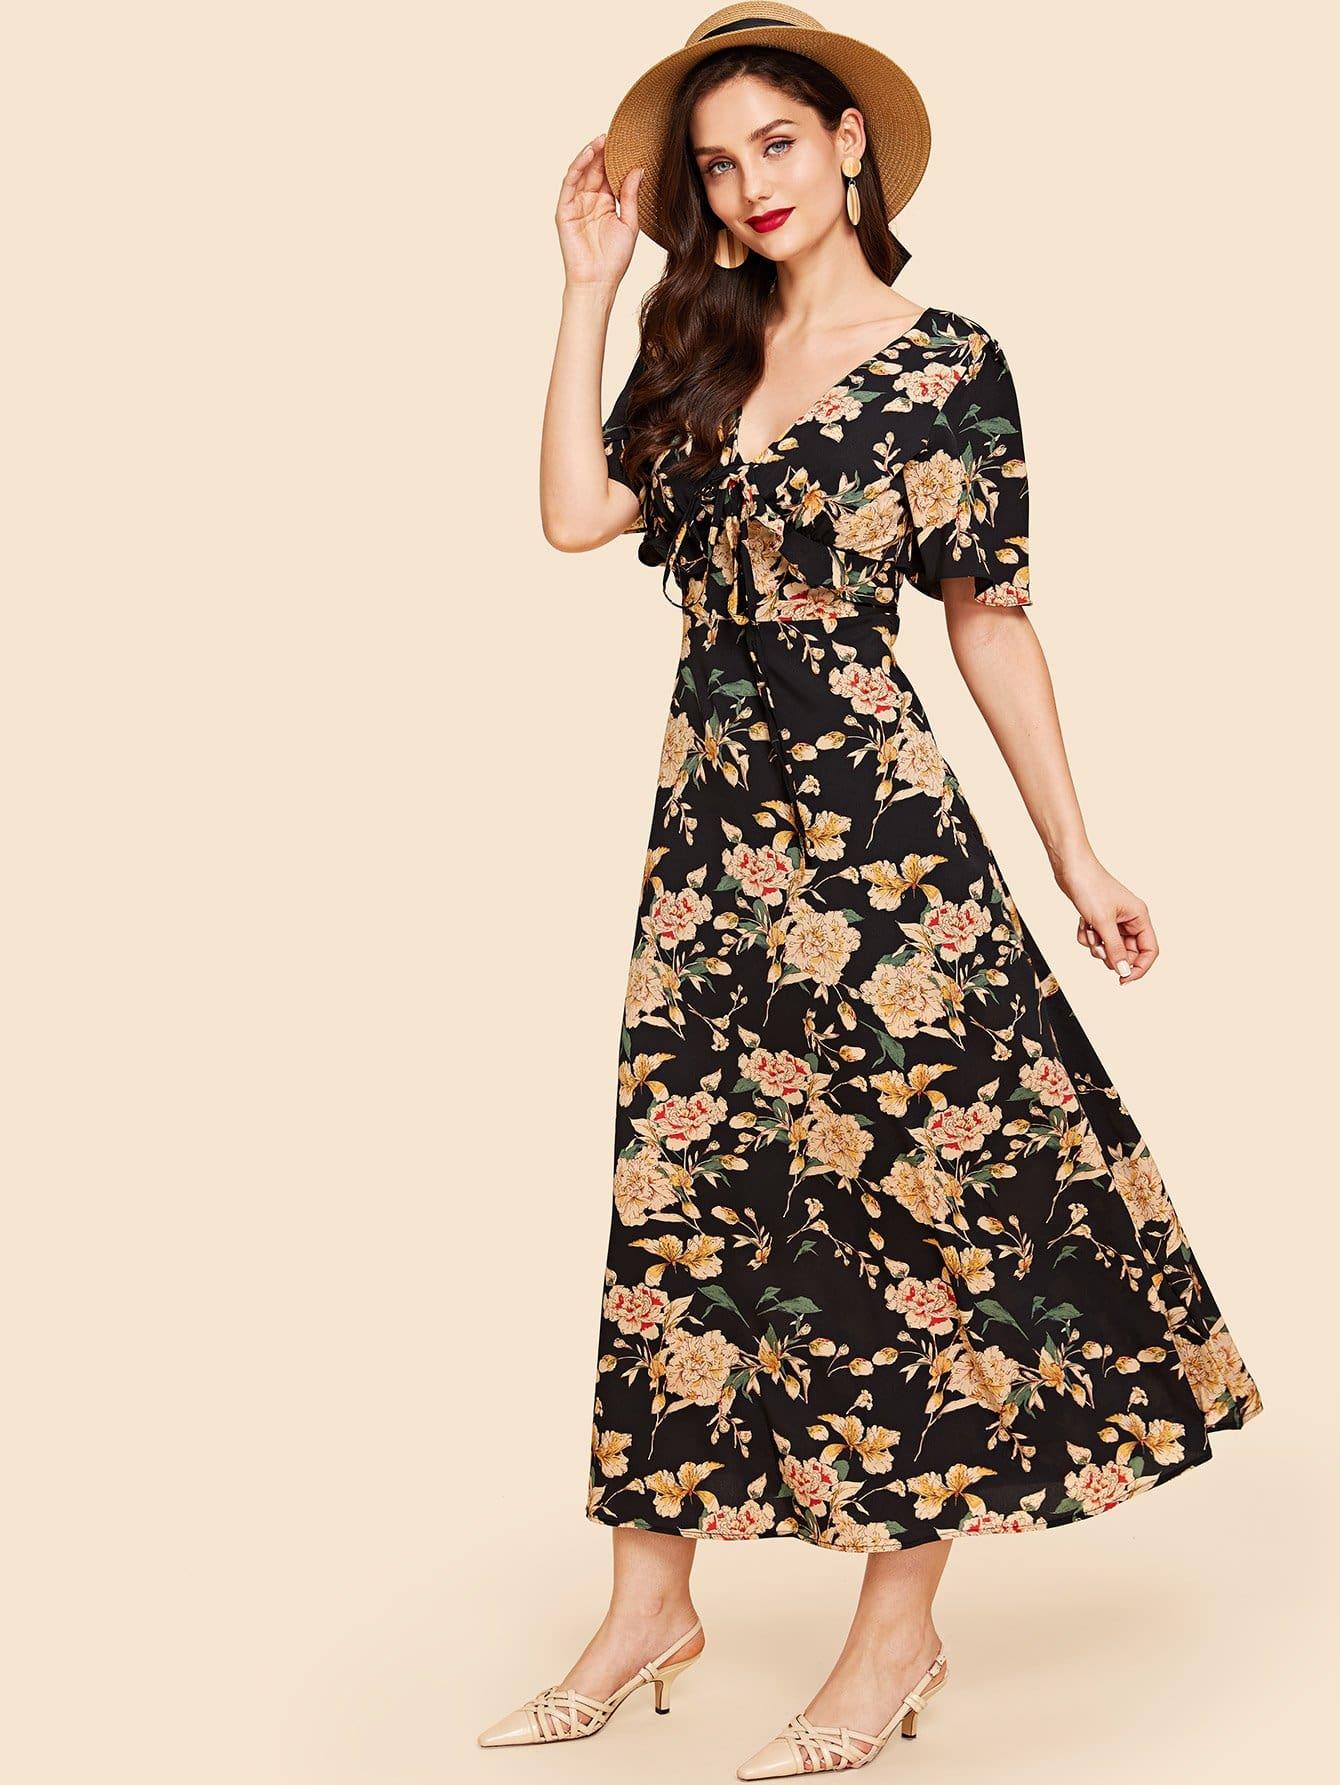 Рафловое обручальное кольцо переднего цветочного платья